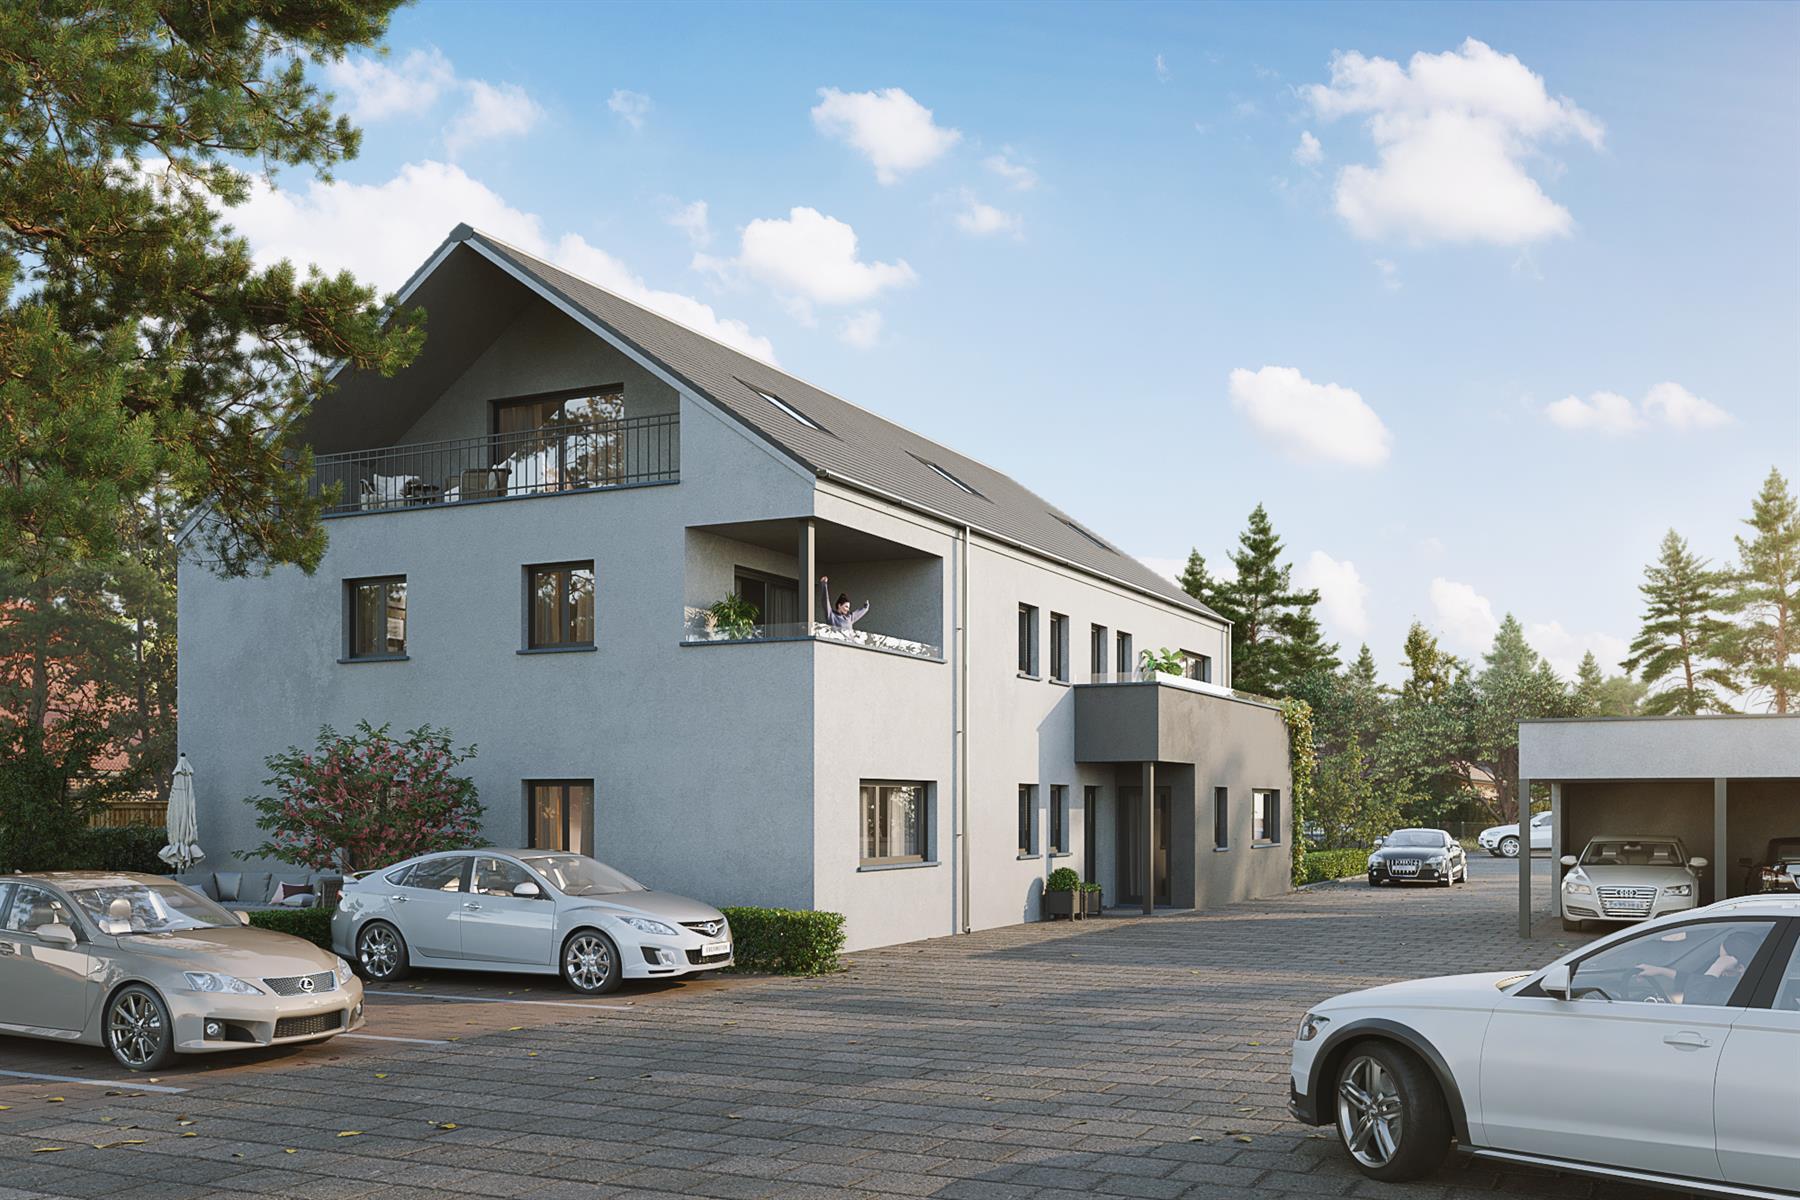 Appartement - Eghezee - #4329555-9